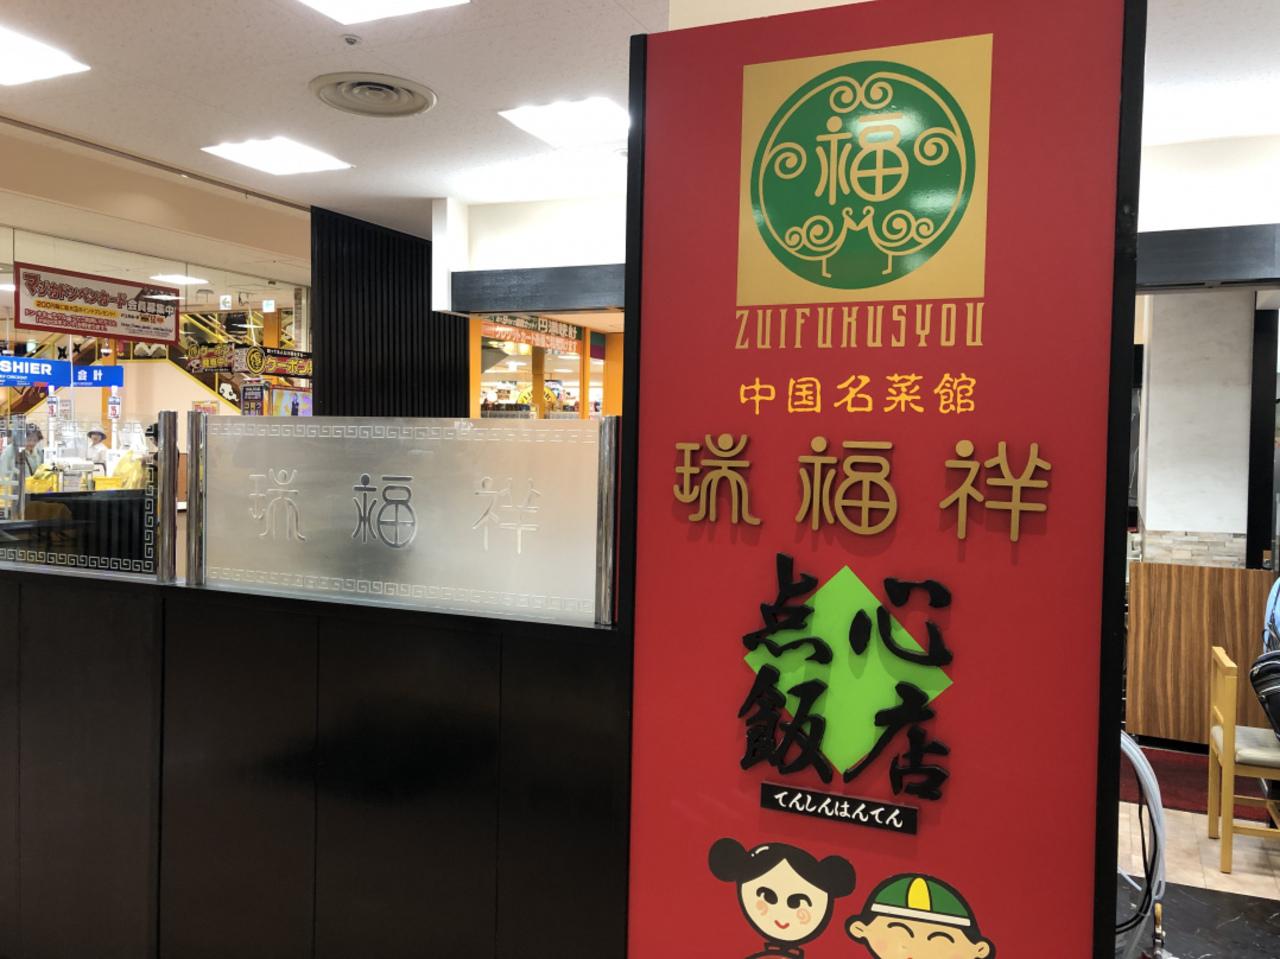 瑞福祥、メガドンキホーテUNY名張店さん。。